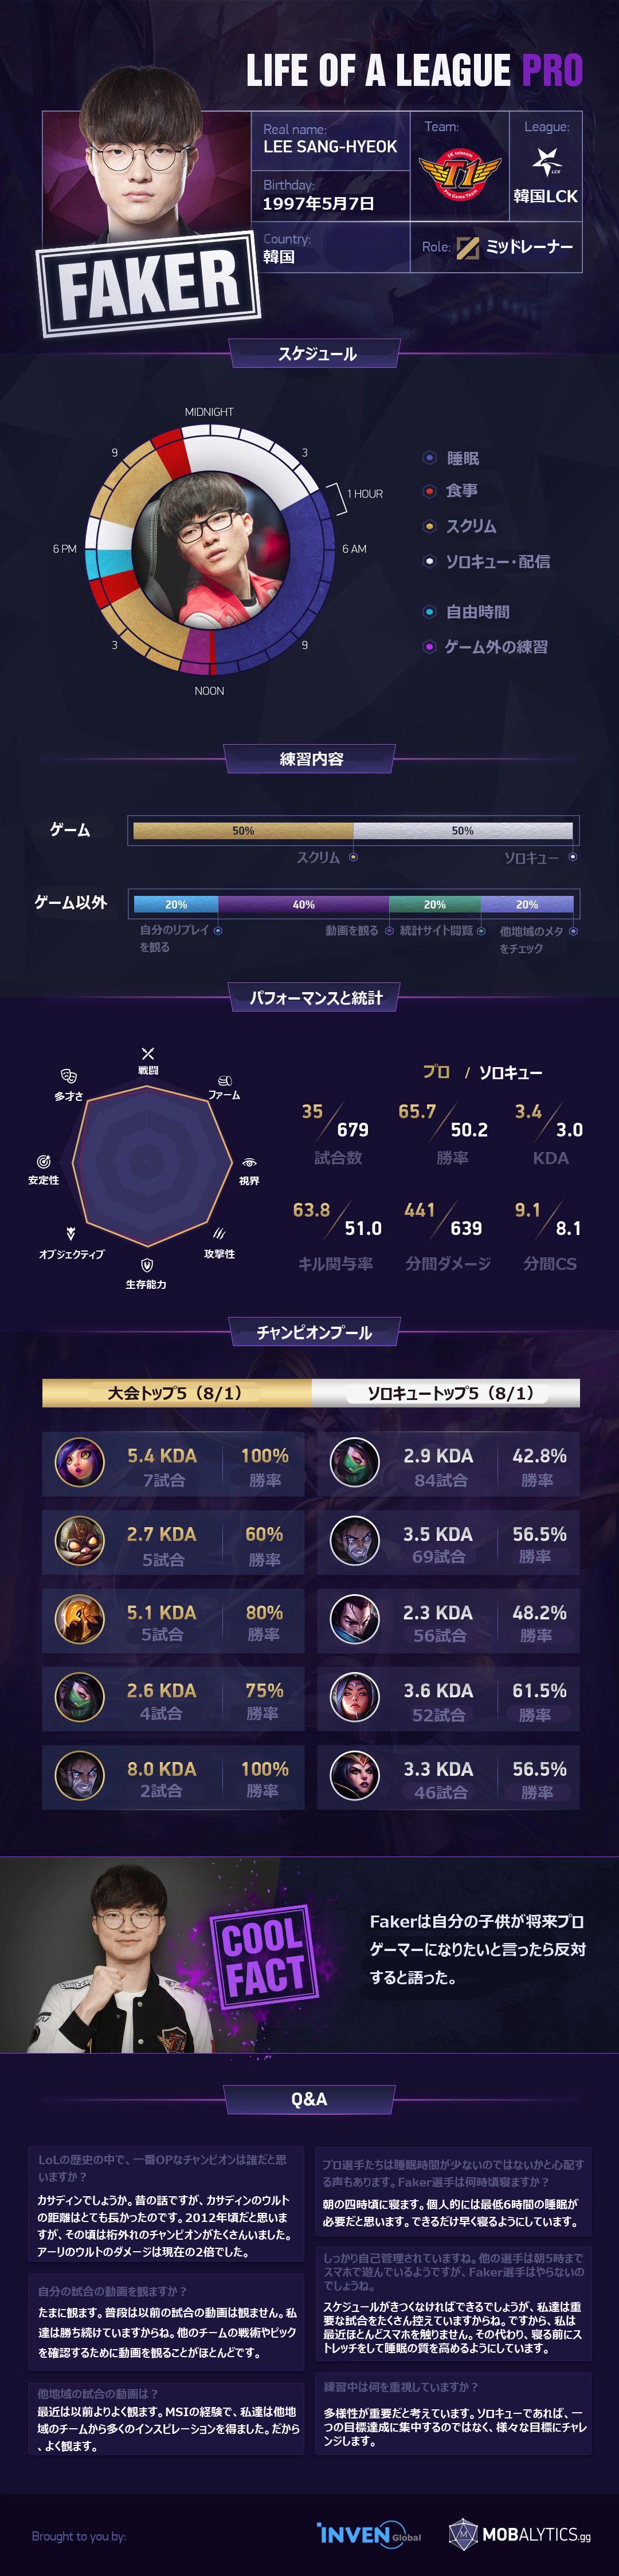 faker-infographic.jpg